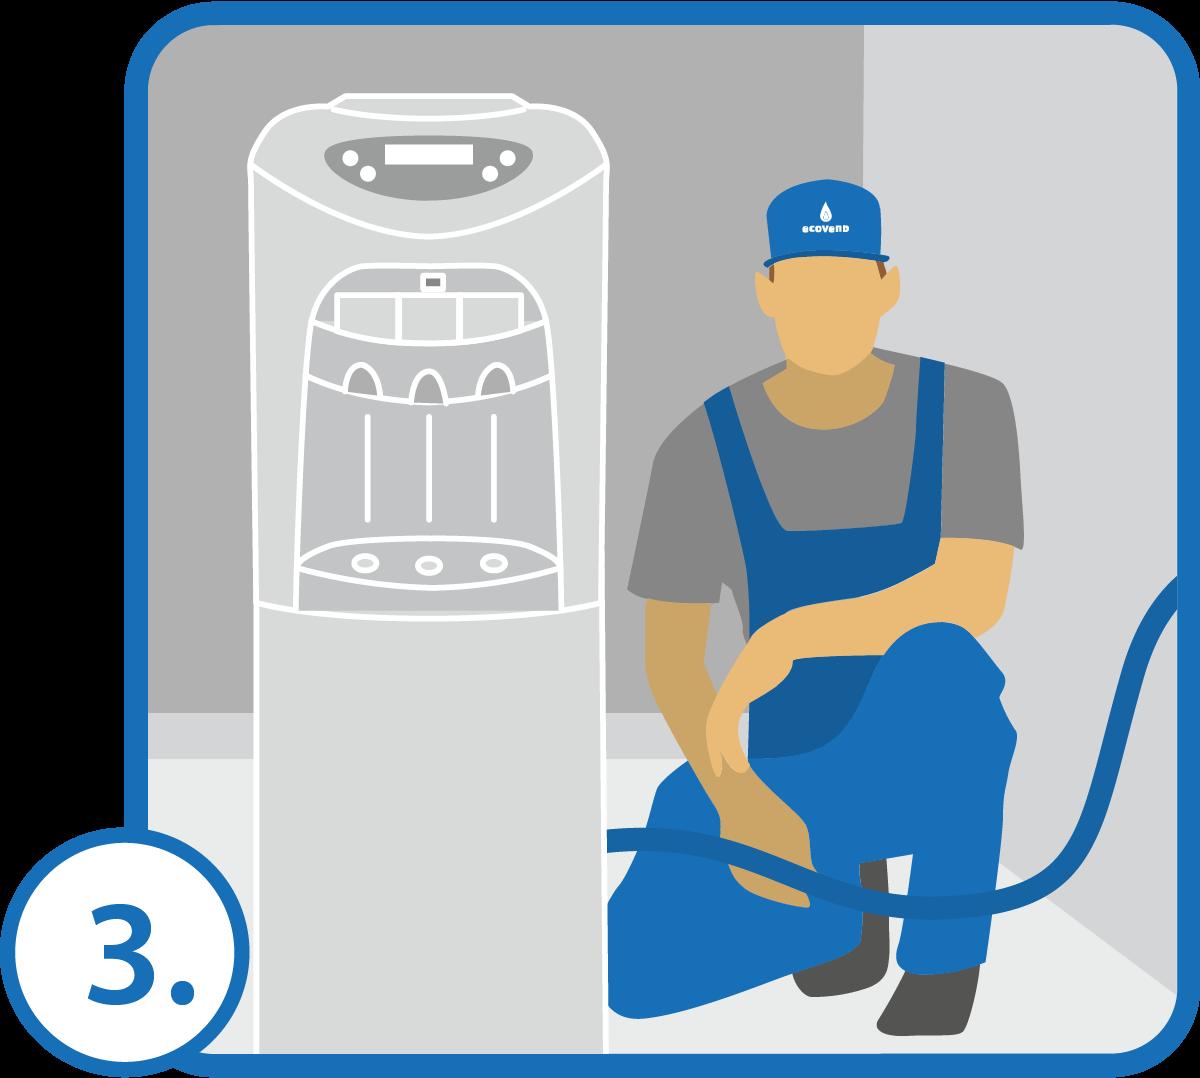 Podłączamy urządzenie. Przed dystrybutorem instalujemy dodatkowy zawór pozwalający odciąć dopływ wody dla potrzeb serwisowych.